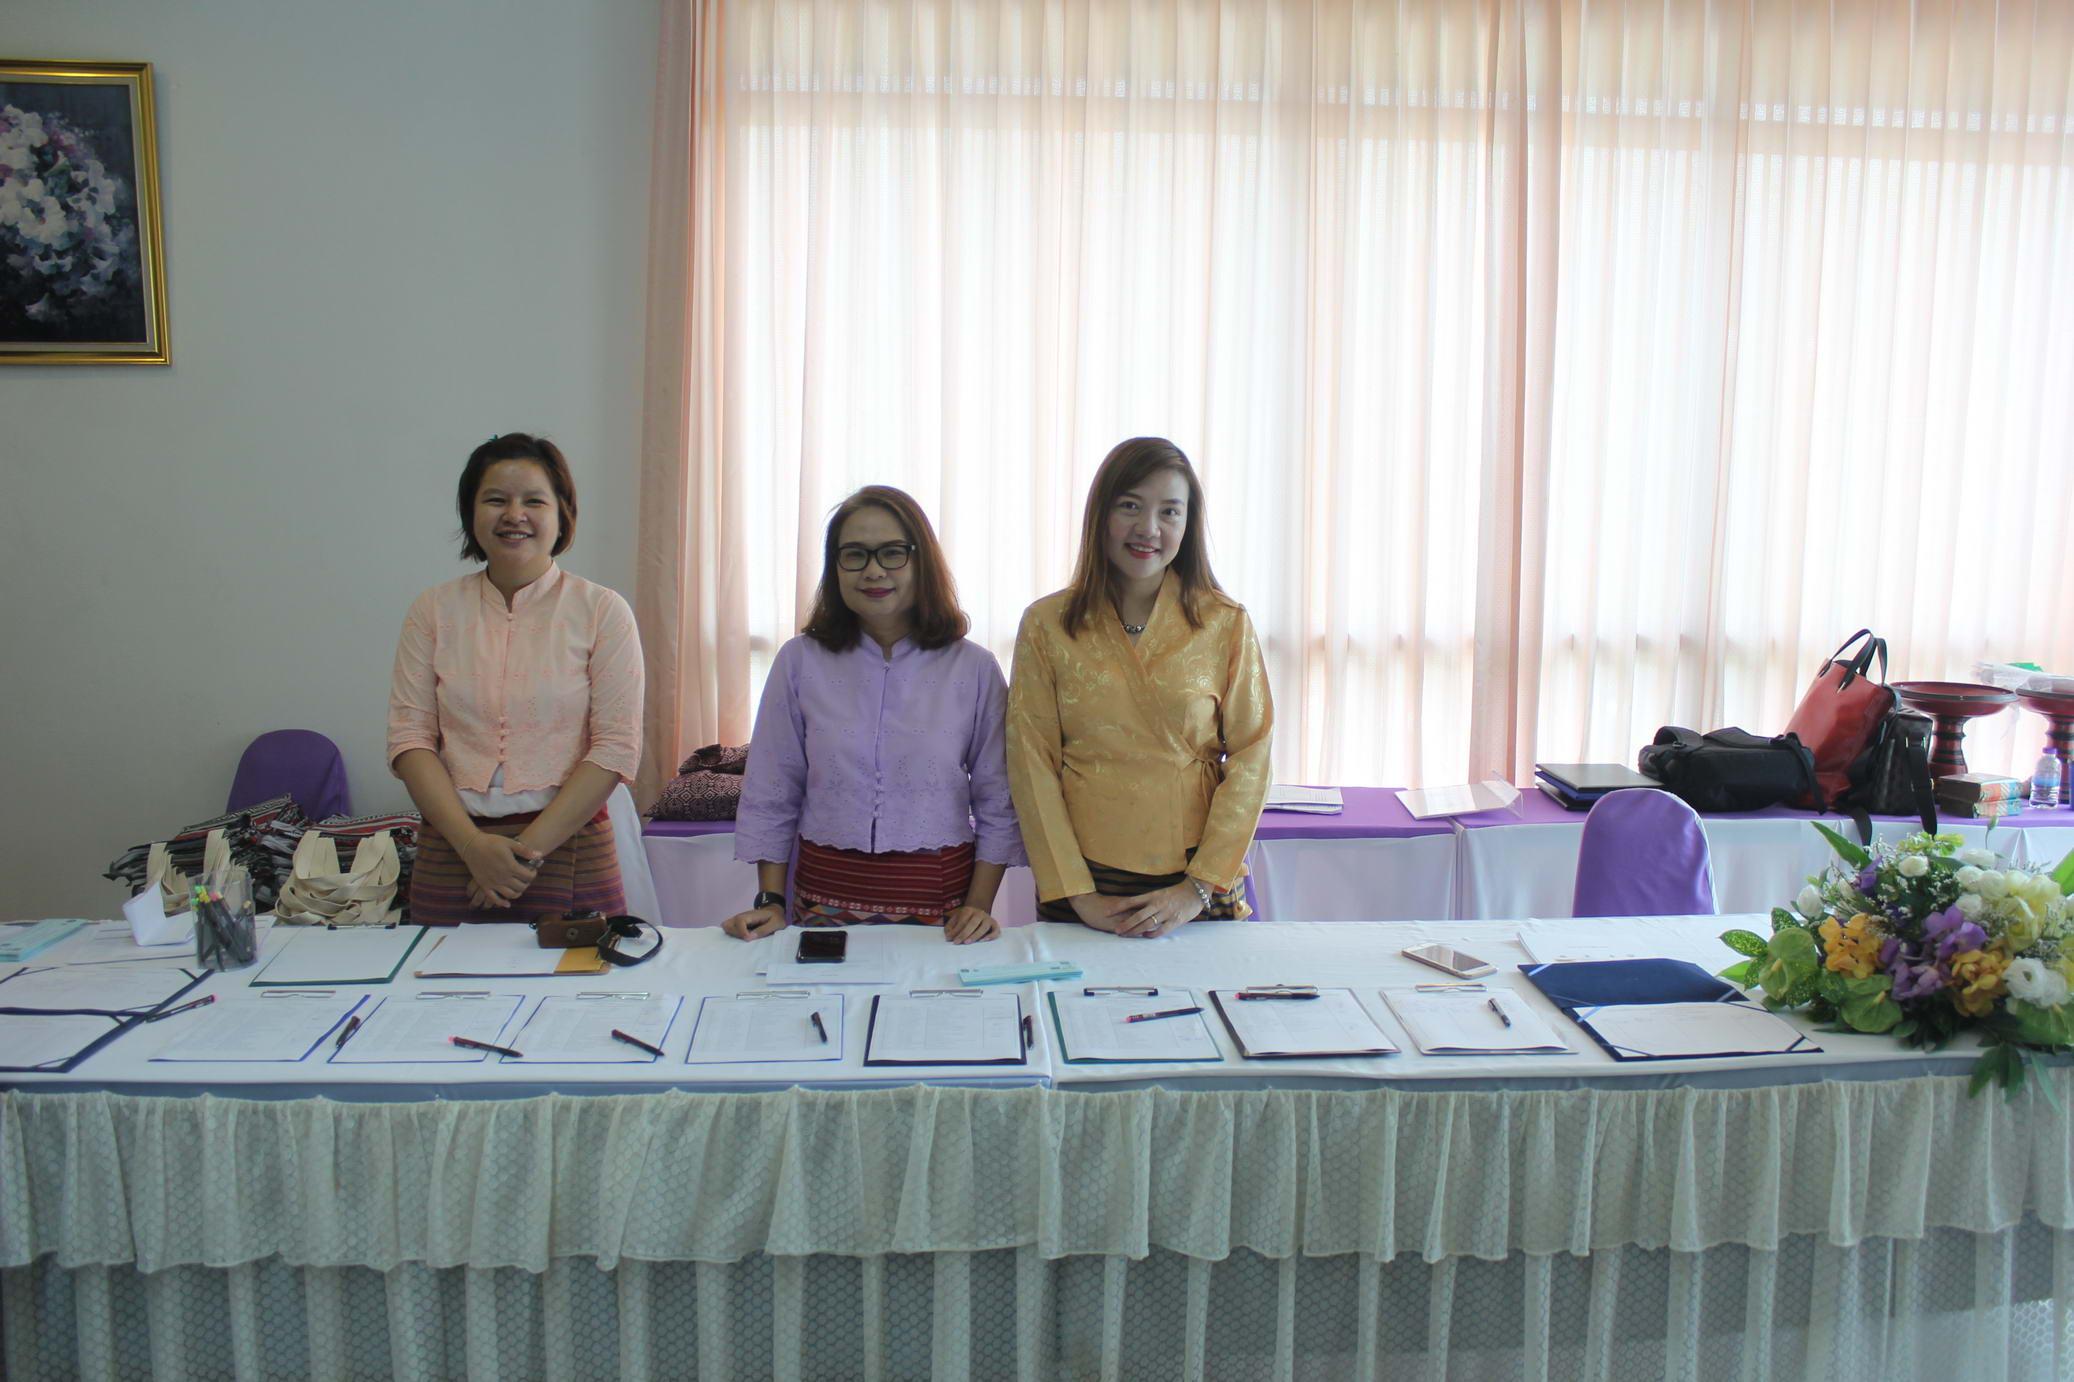 การประชุมสัมมนาวิชาการเครือข่ายศิลปวัฒนธรรม สานสัมพันธ์วัฒนธรรมล้านนาศึกษา